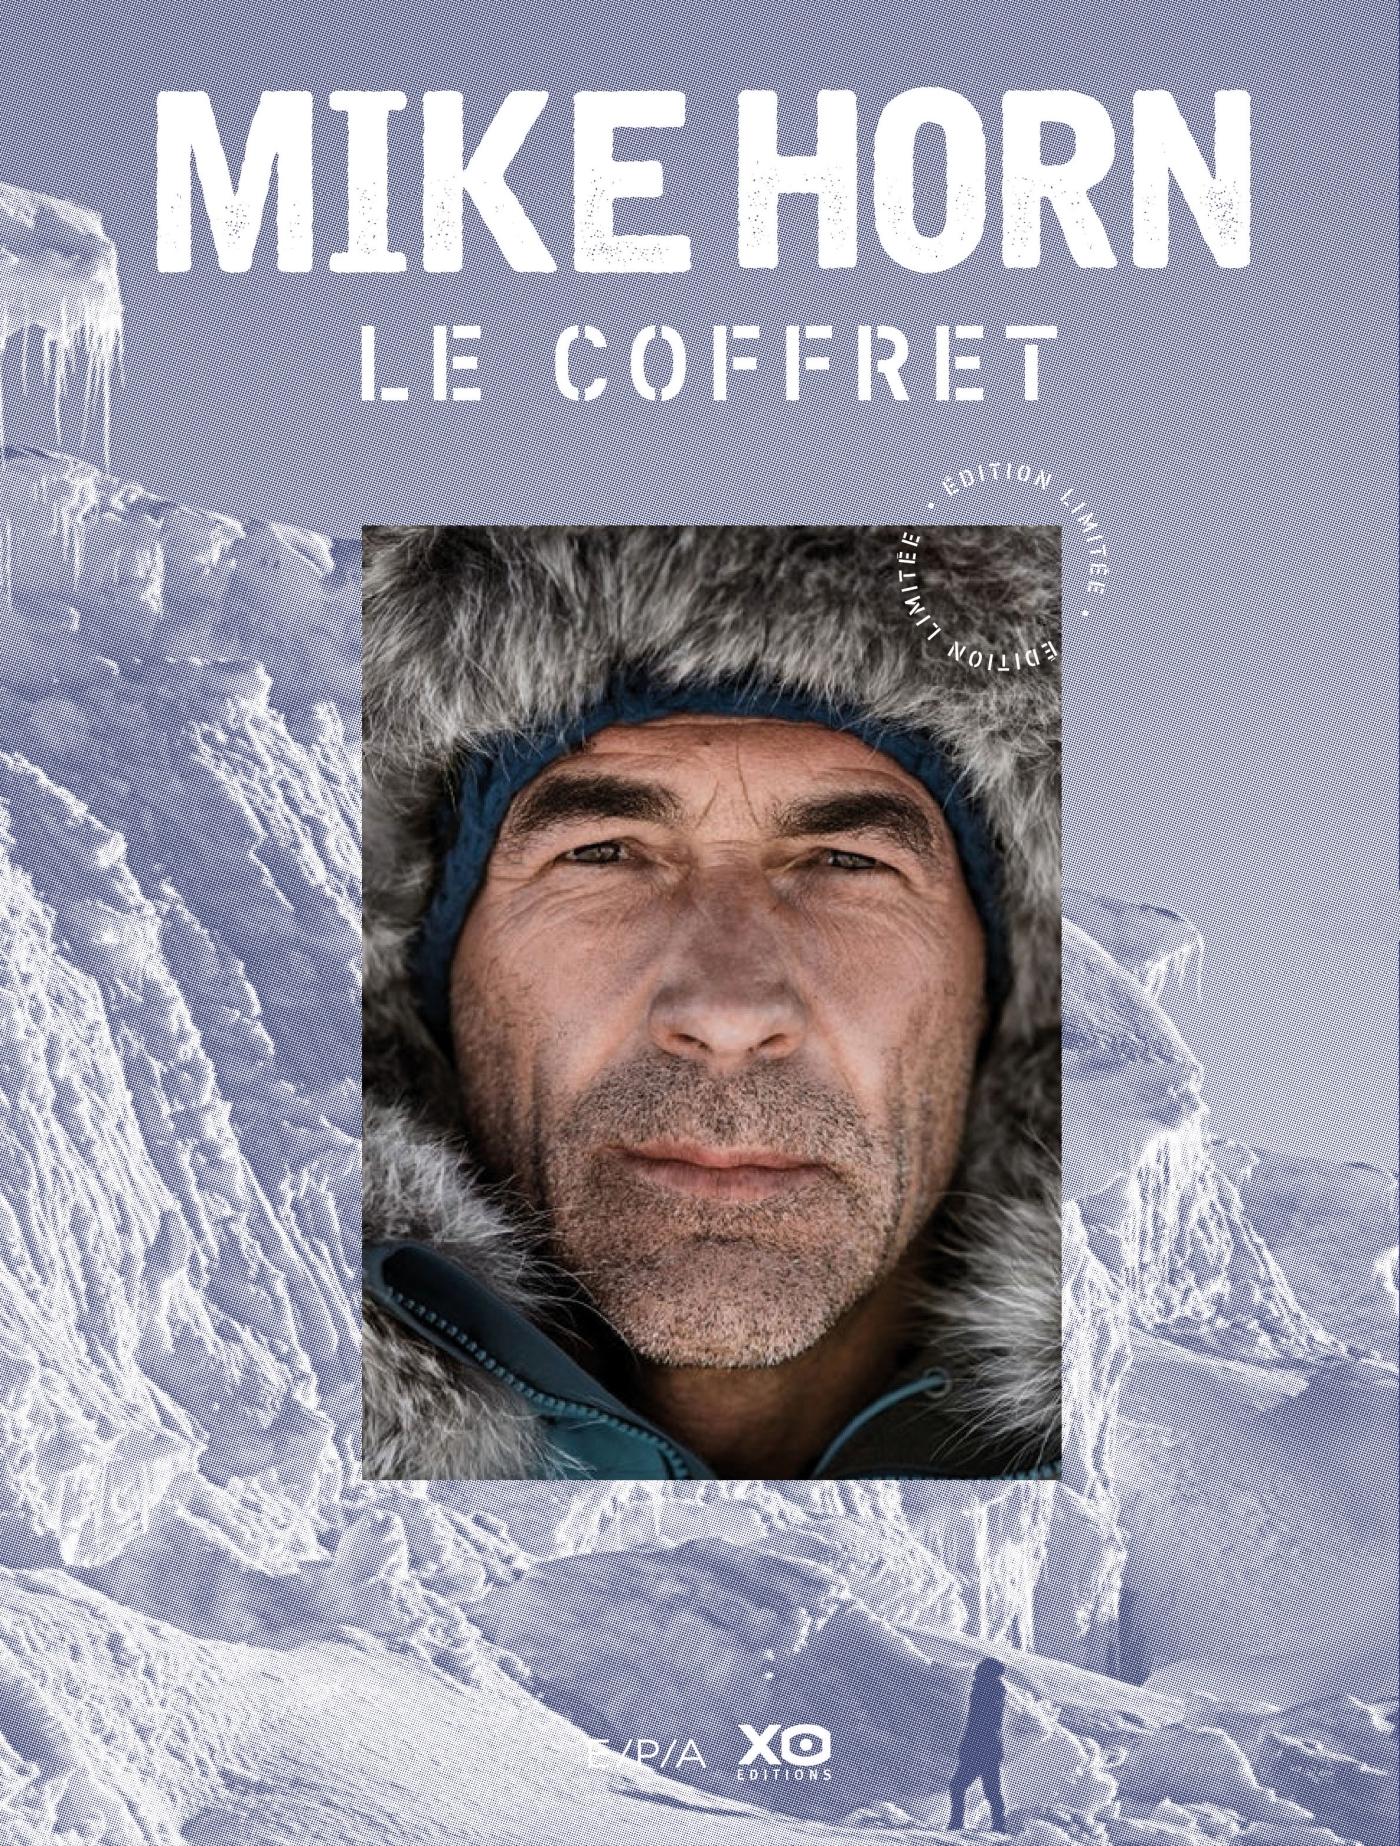 MIKE HORN - LE COFFRET - EDITION LIMITEE